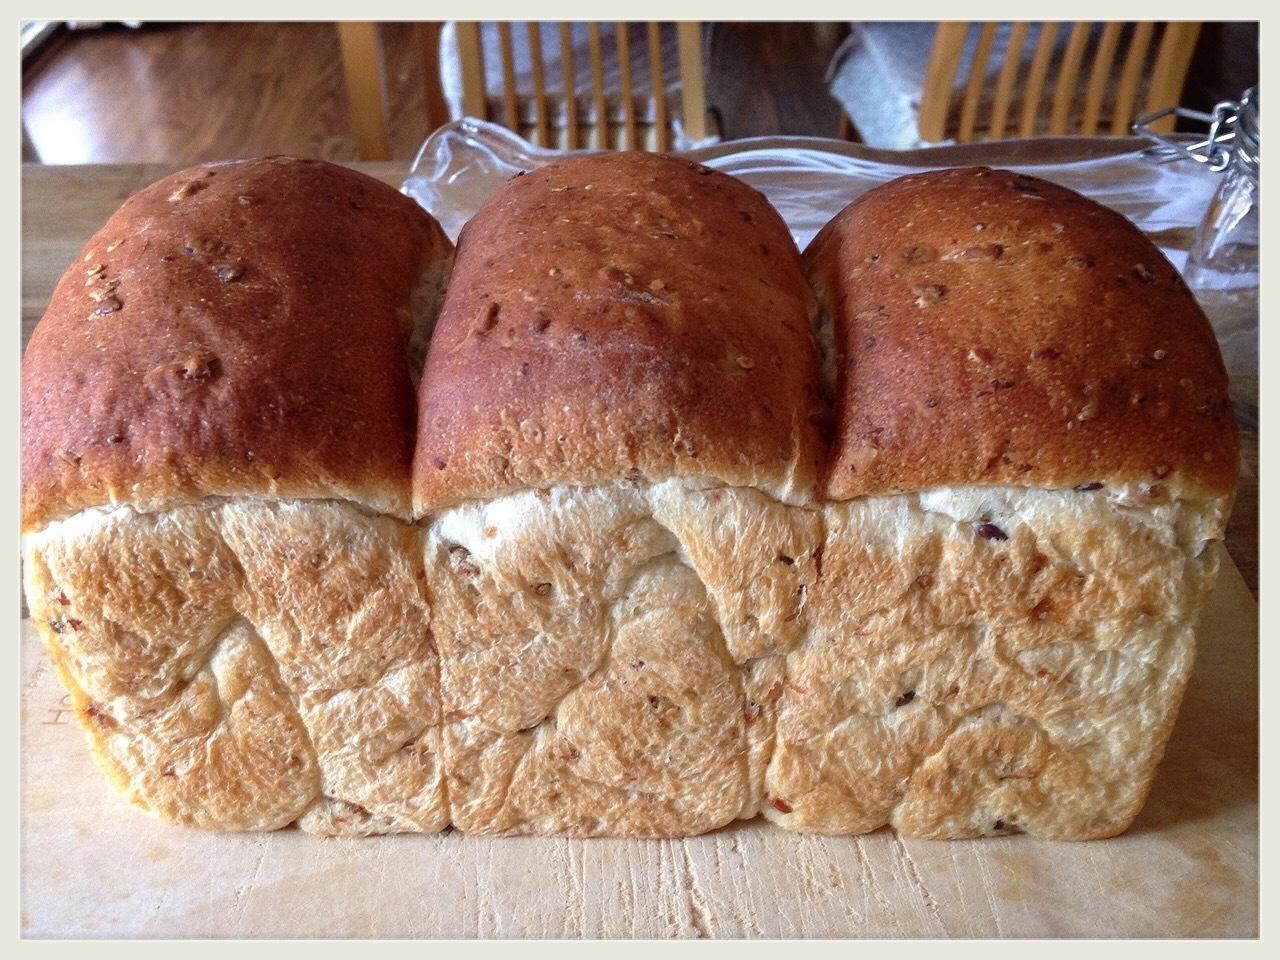 山型食パン(イギリスパン)(6月)(初回レッスンご参加済みの方、もしくは、ホシノ酵母経験者様 対象のレッスン)